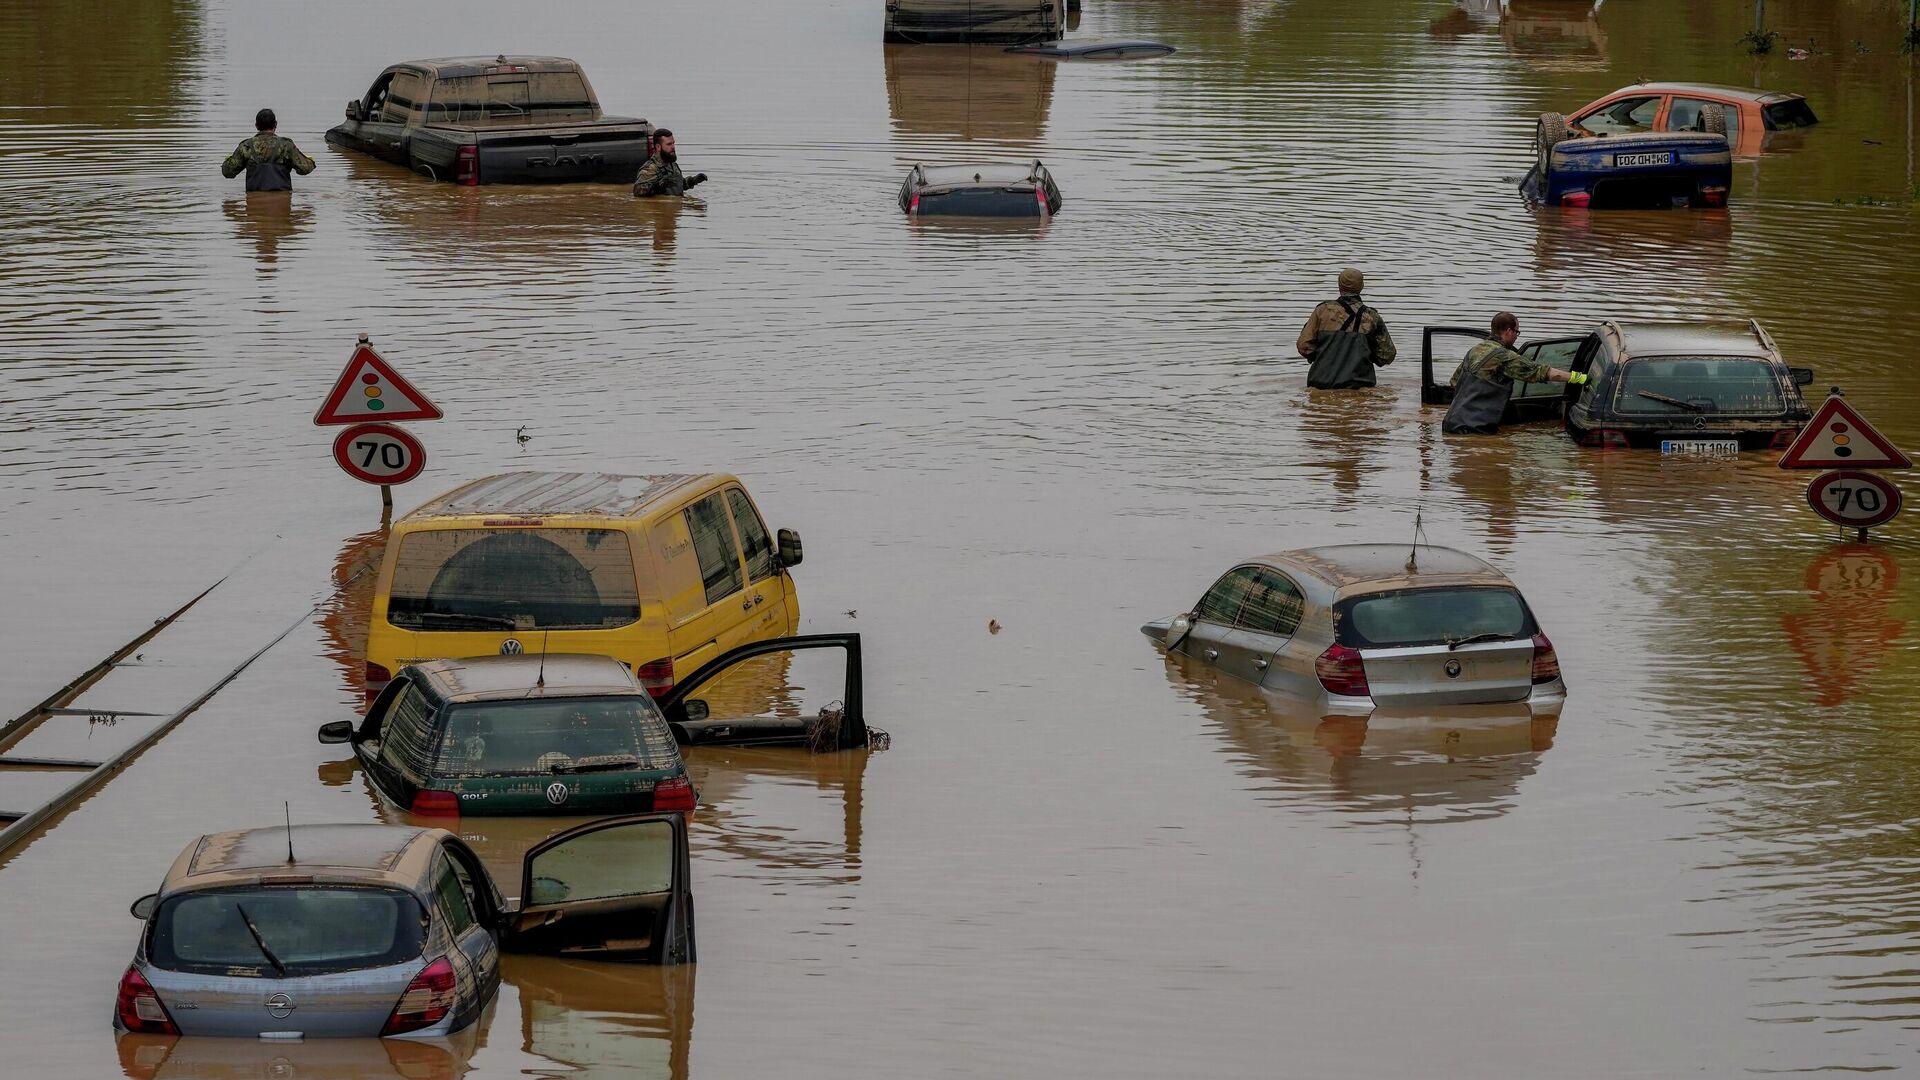 Folgen der Überschwemmung in Erftstadt - SNA, 1920, 05.10.2021